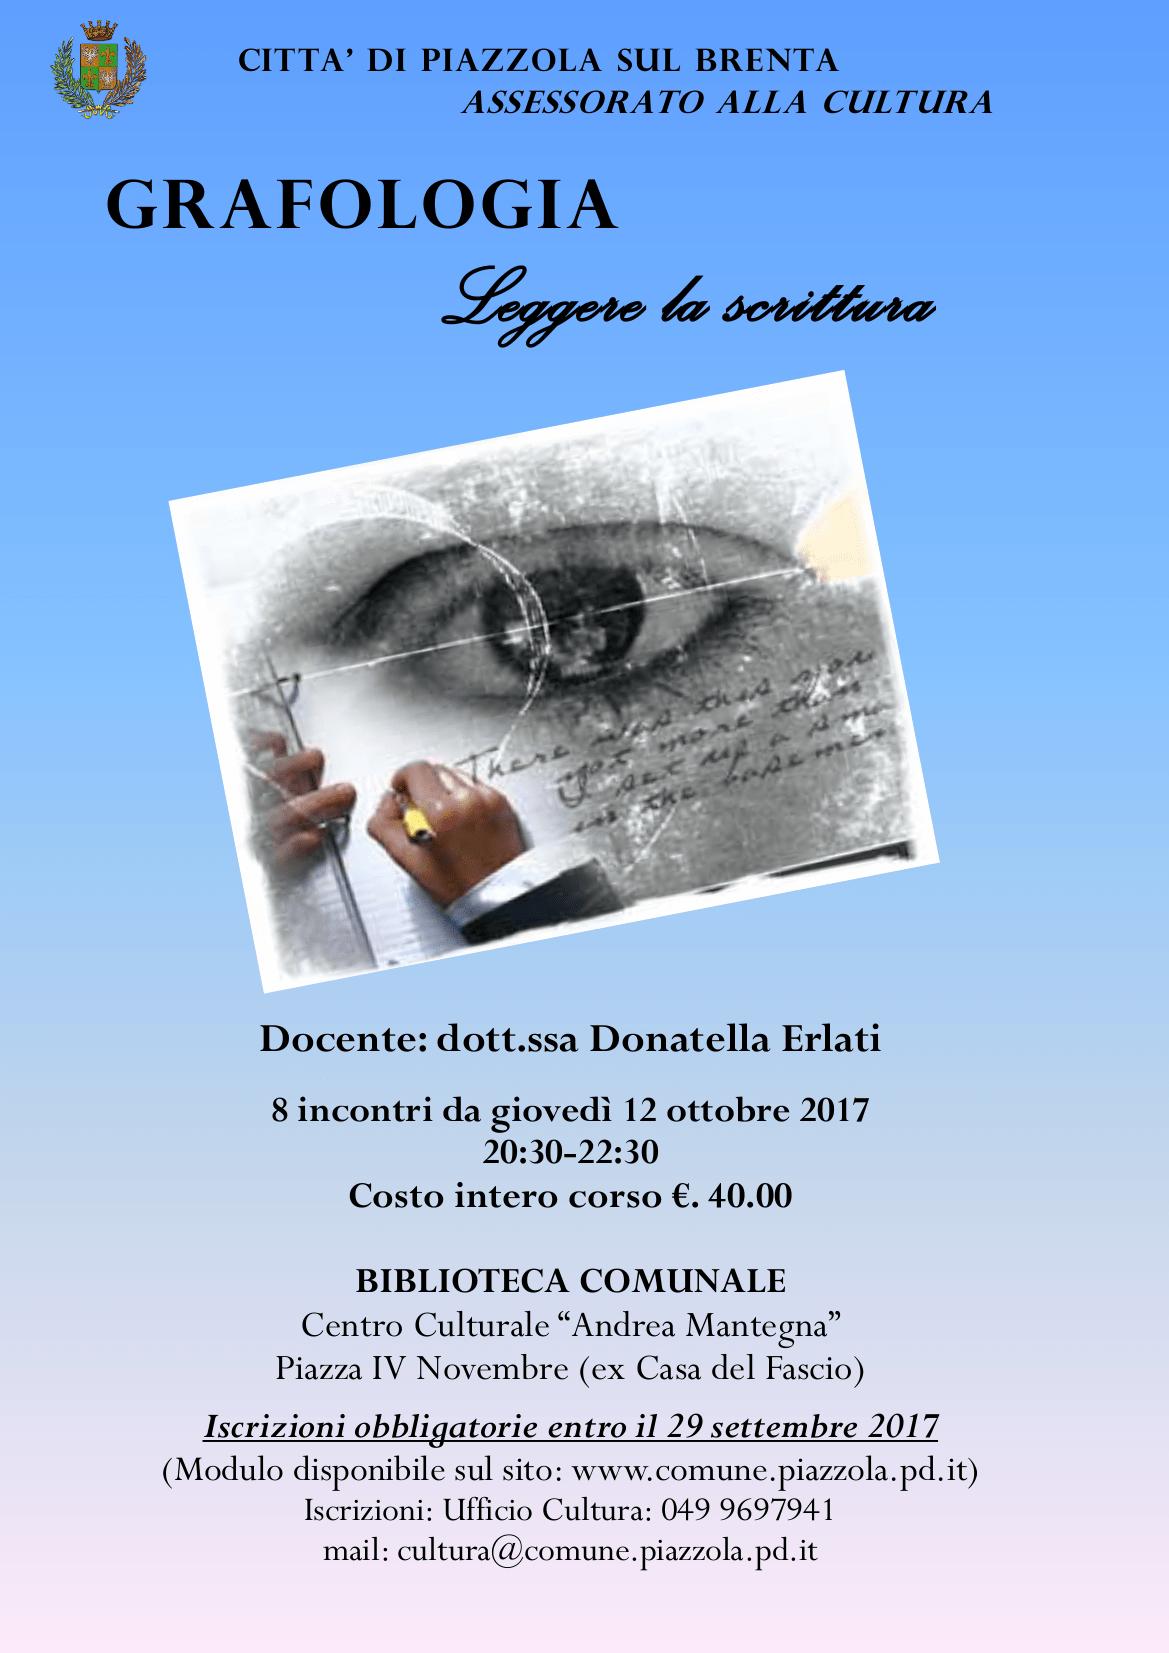 Corso di grafologia leggere la scrittura propiazzola for Fiera piazzola sul brenta 2017